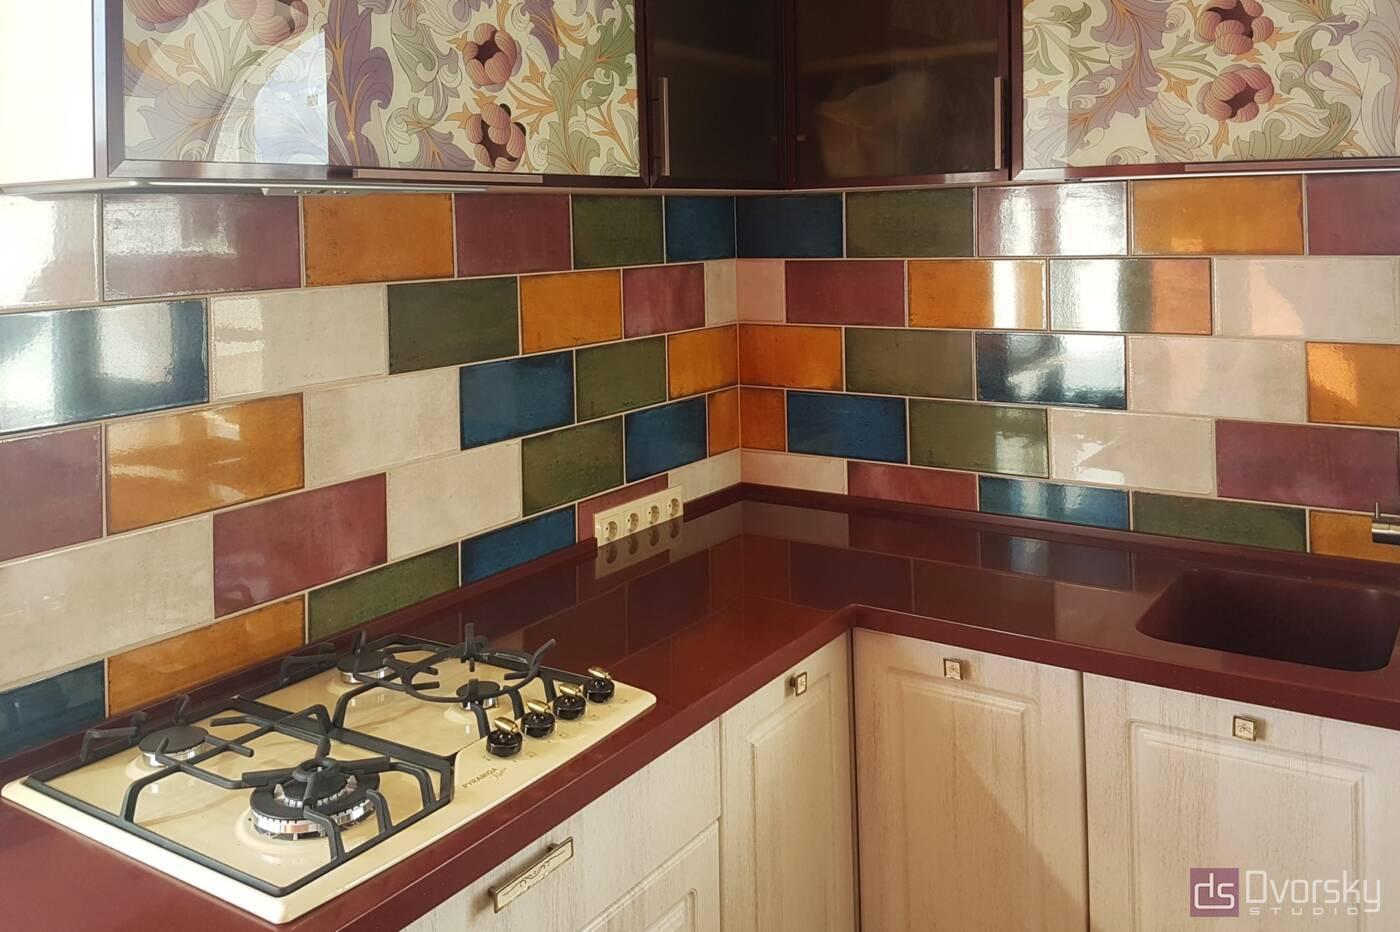 П - образні кухні Кухня в гранатових кольорах - Фото № 1